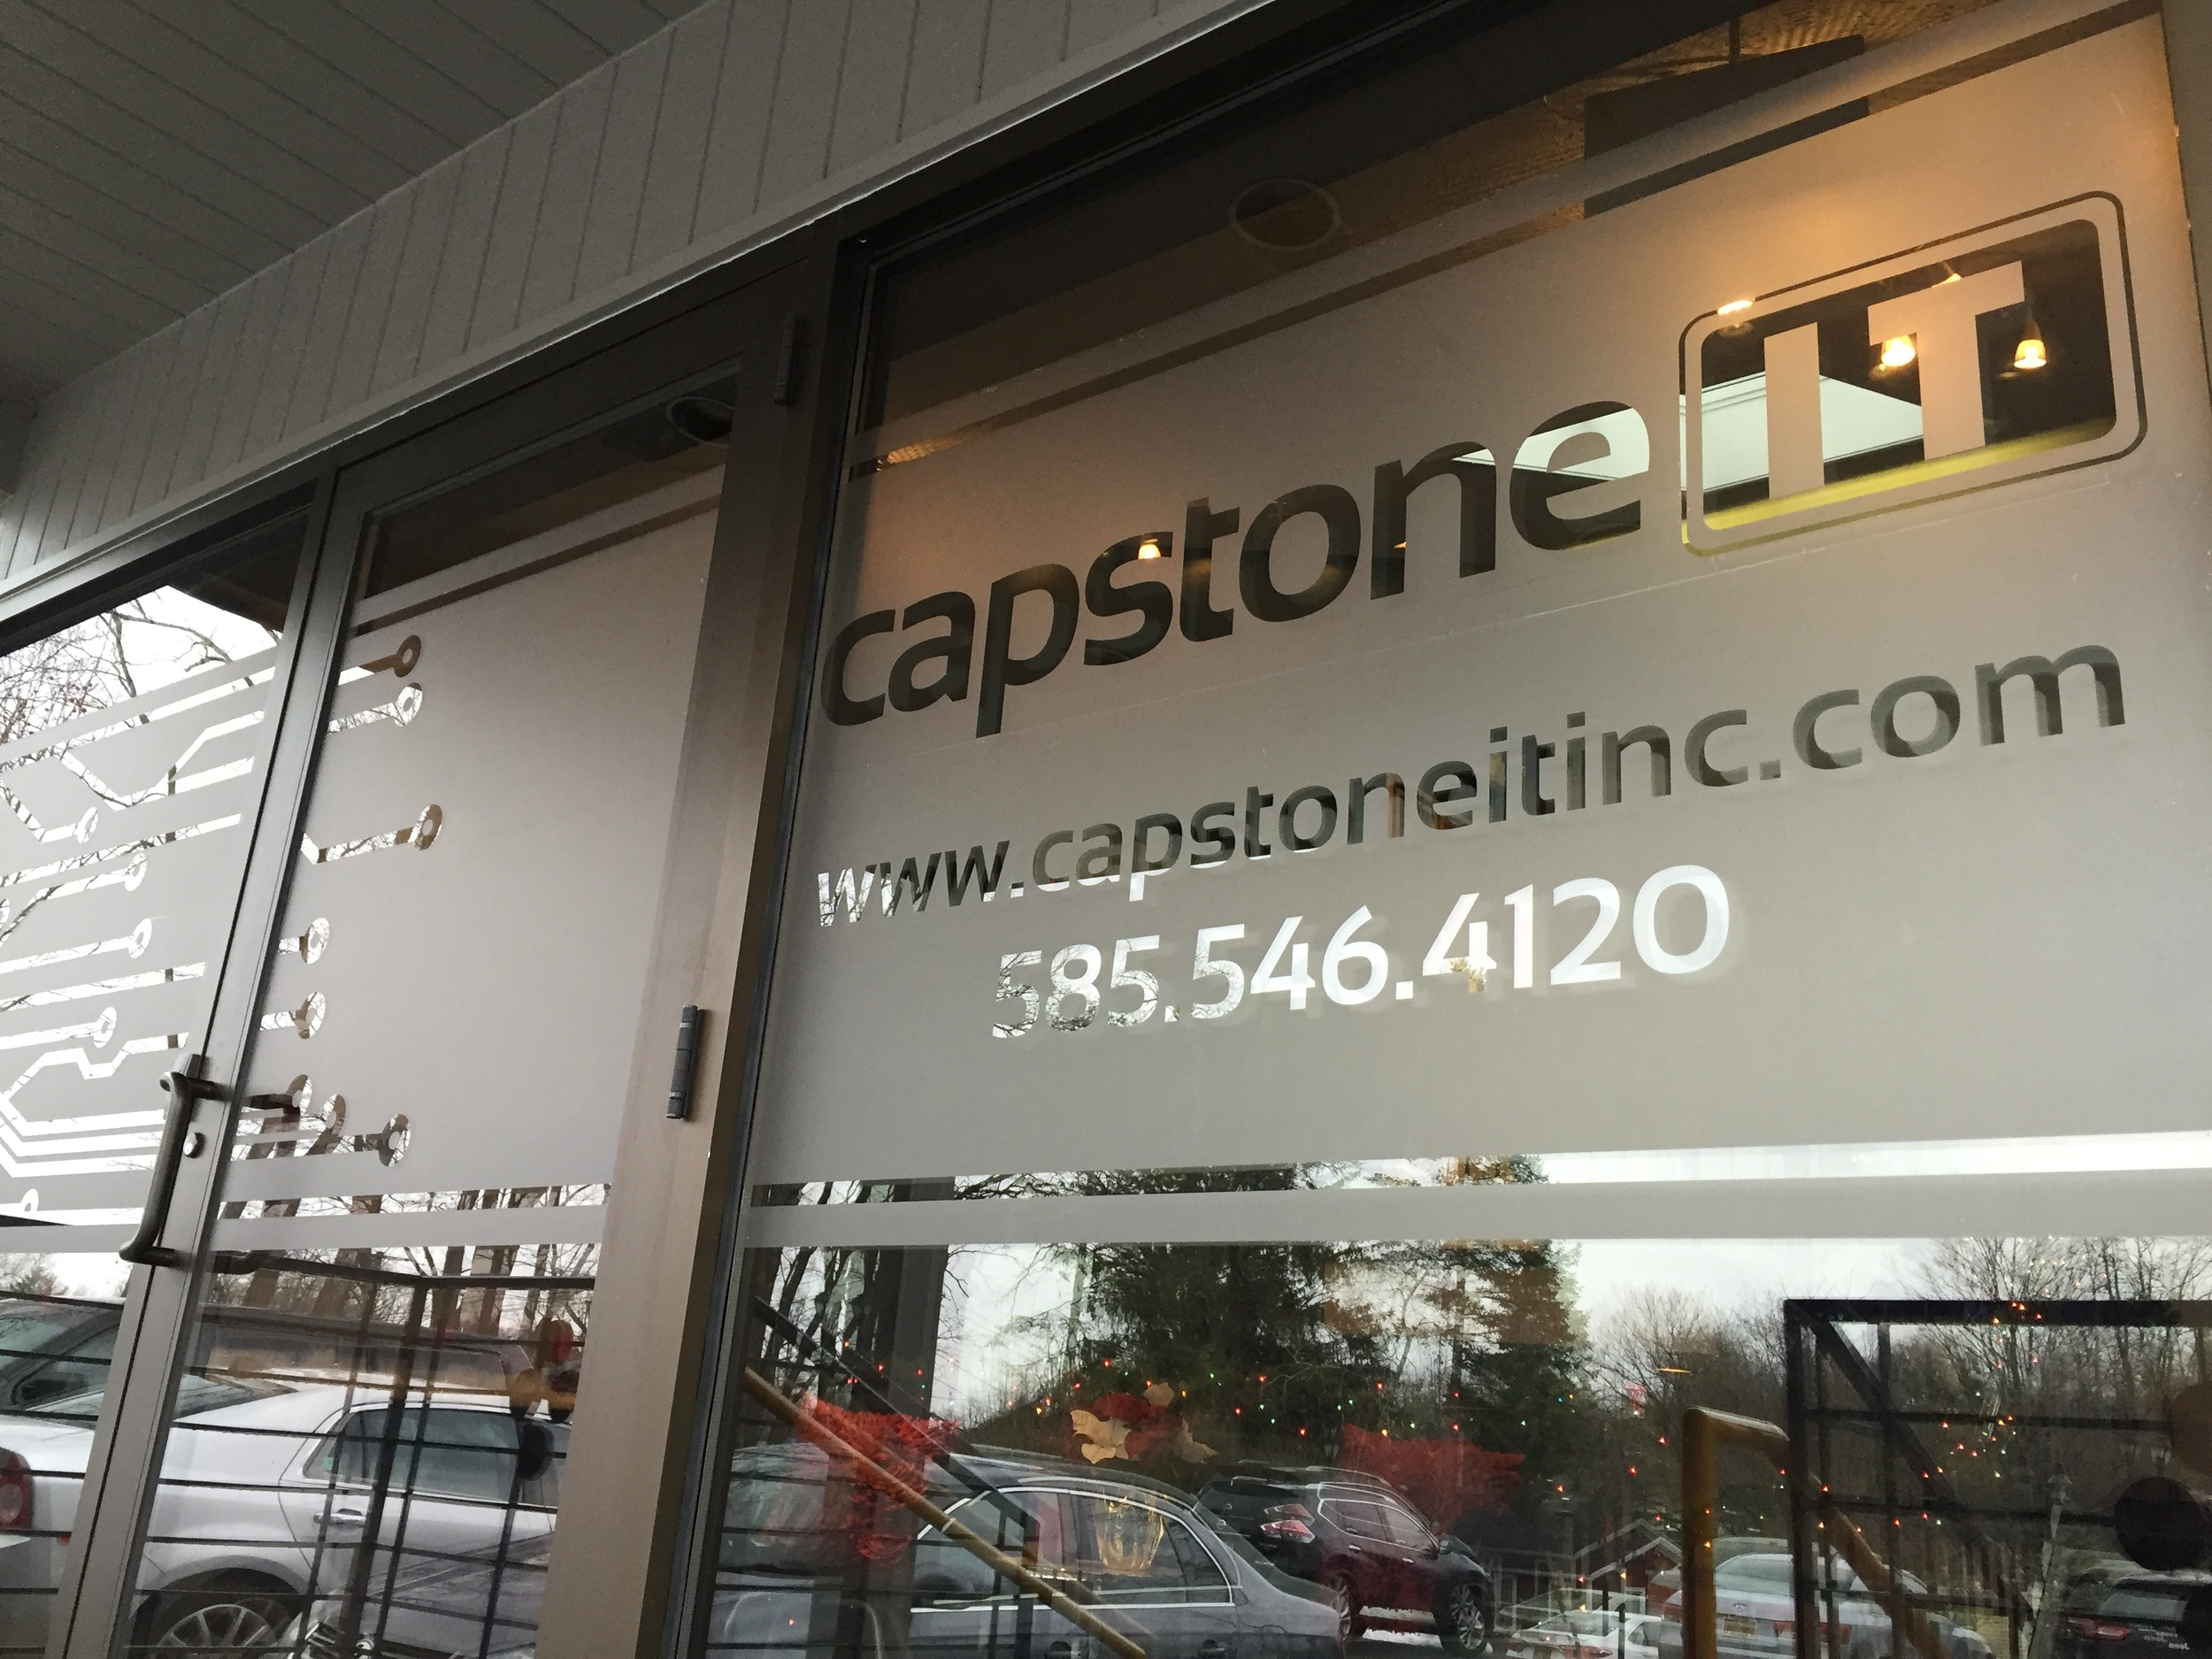 Capstone IT Window Vinyl